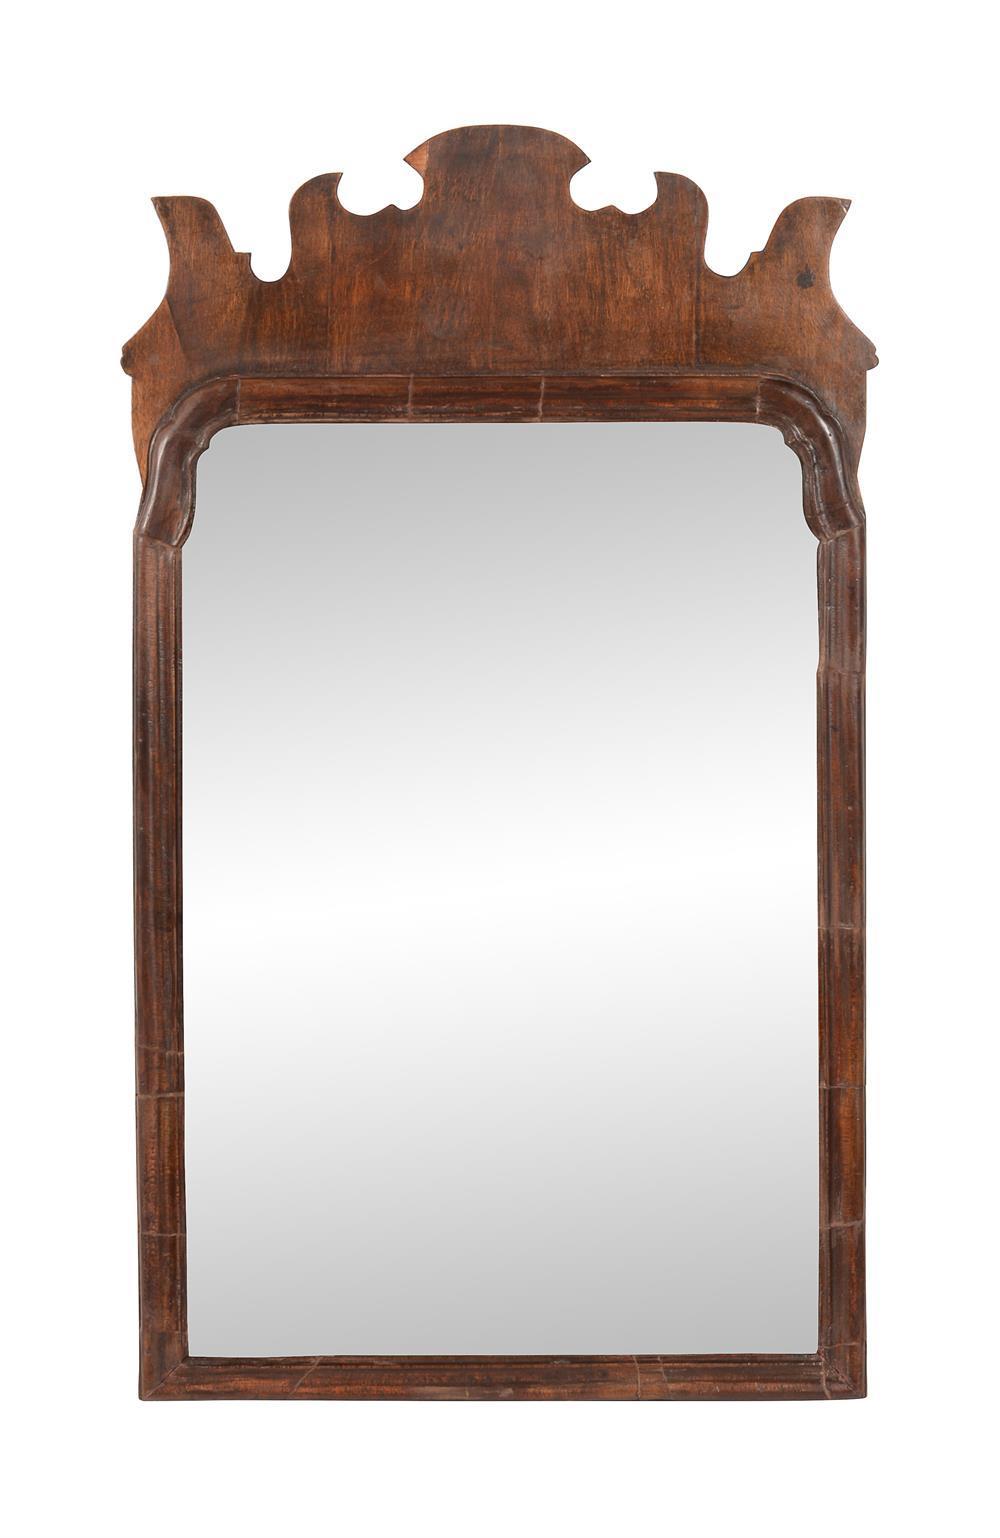 A George II walnut fret-framed wall mirror